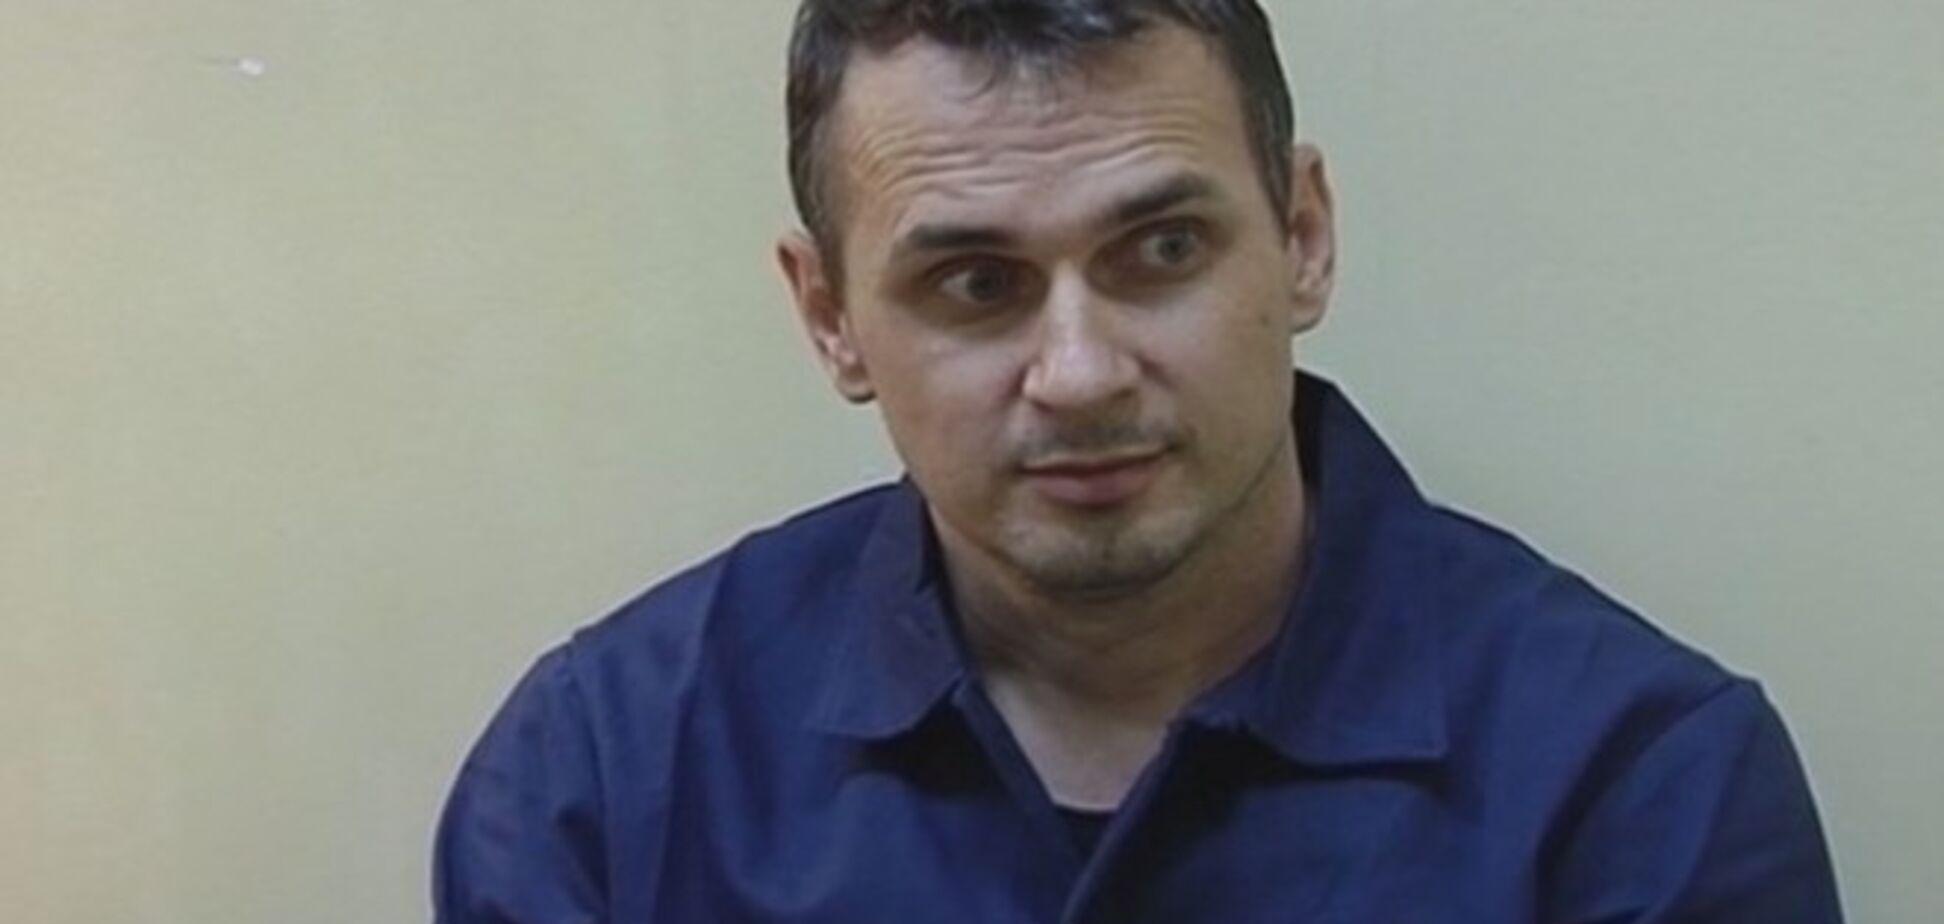 Діячі мистецтва закликали звільнити українського режисера з полону в Росії